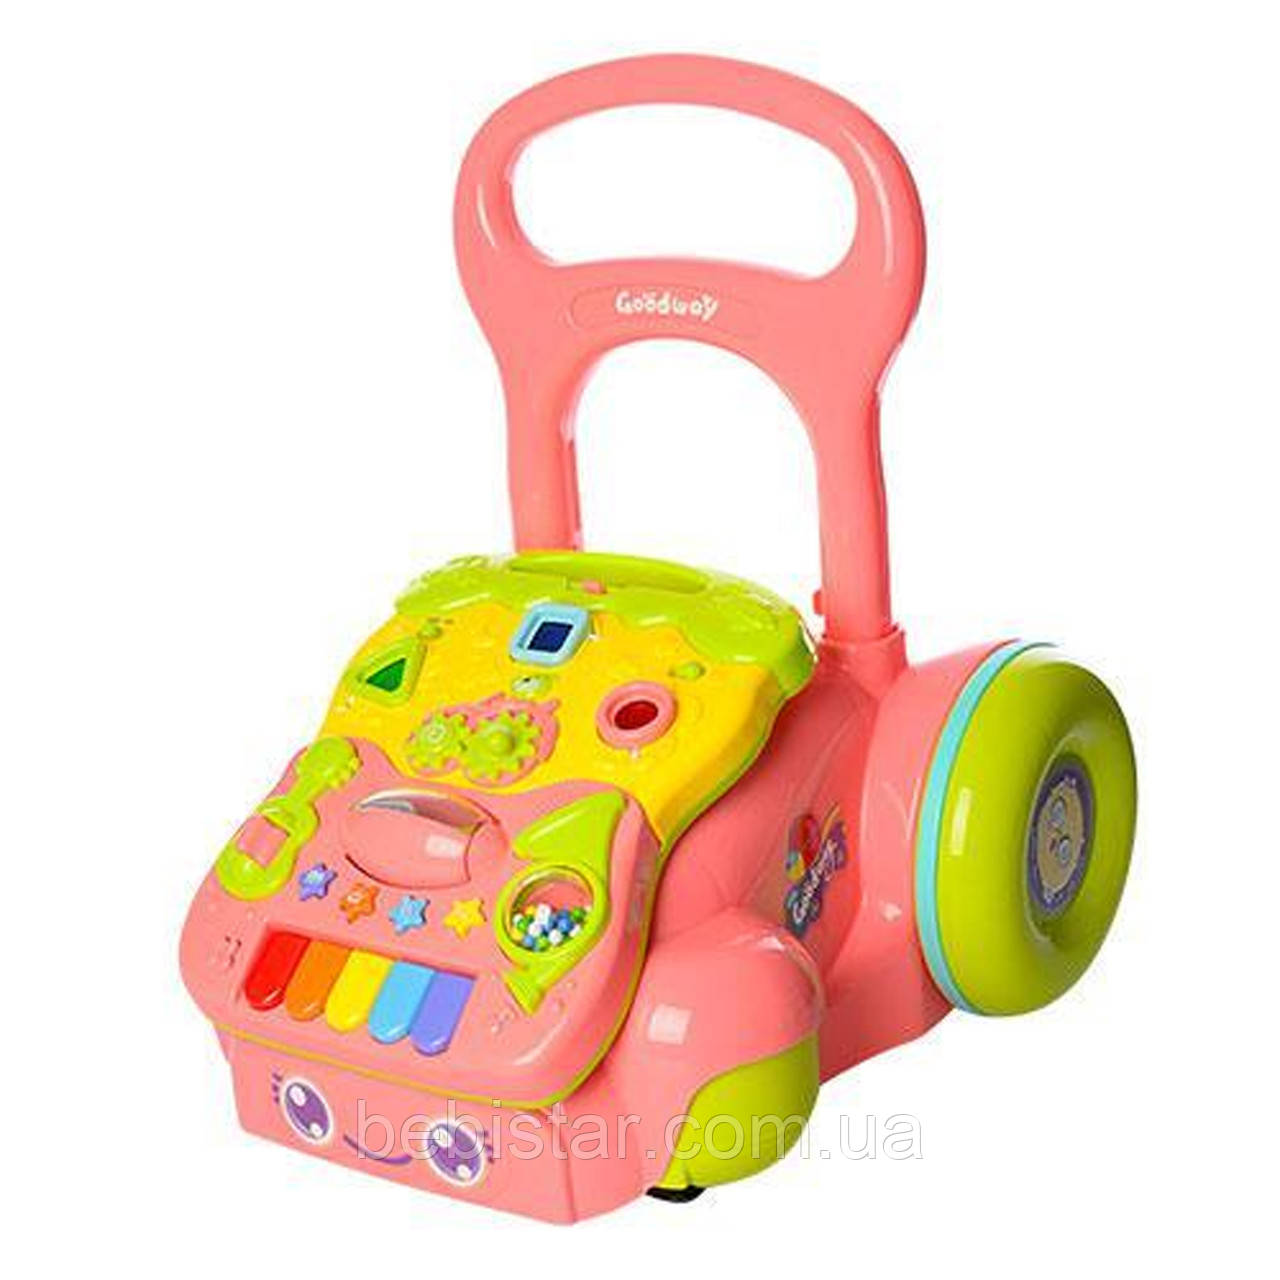 Каталка-игровой центр розовый для деток от 6-ти месяцев смузыкальной игровой панелью,трещоткой,погремушкой